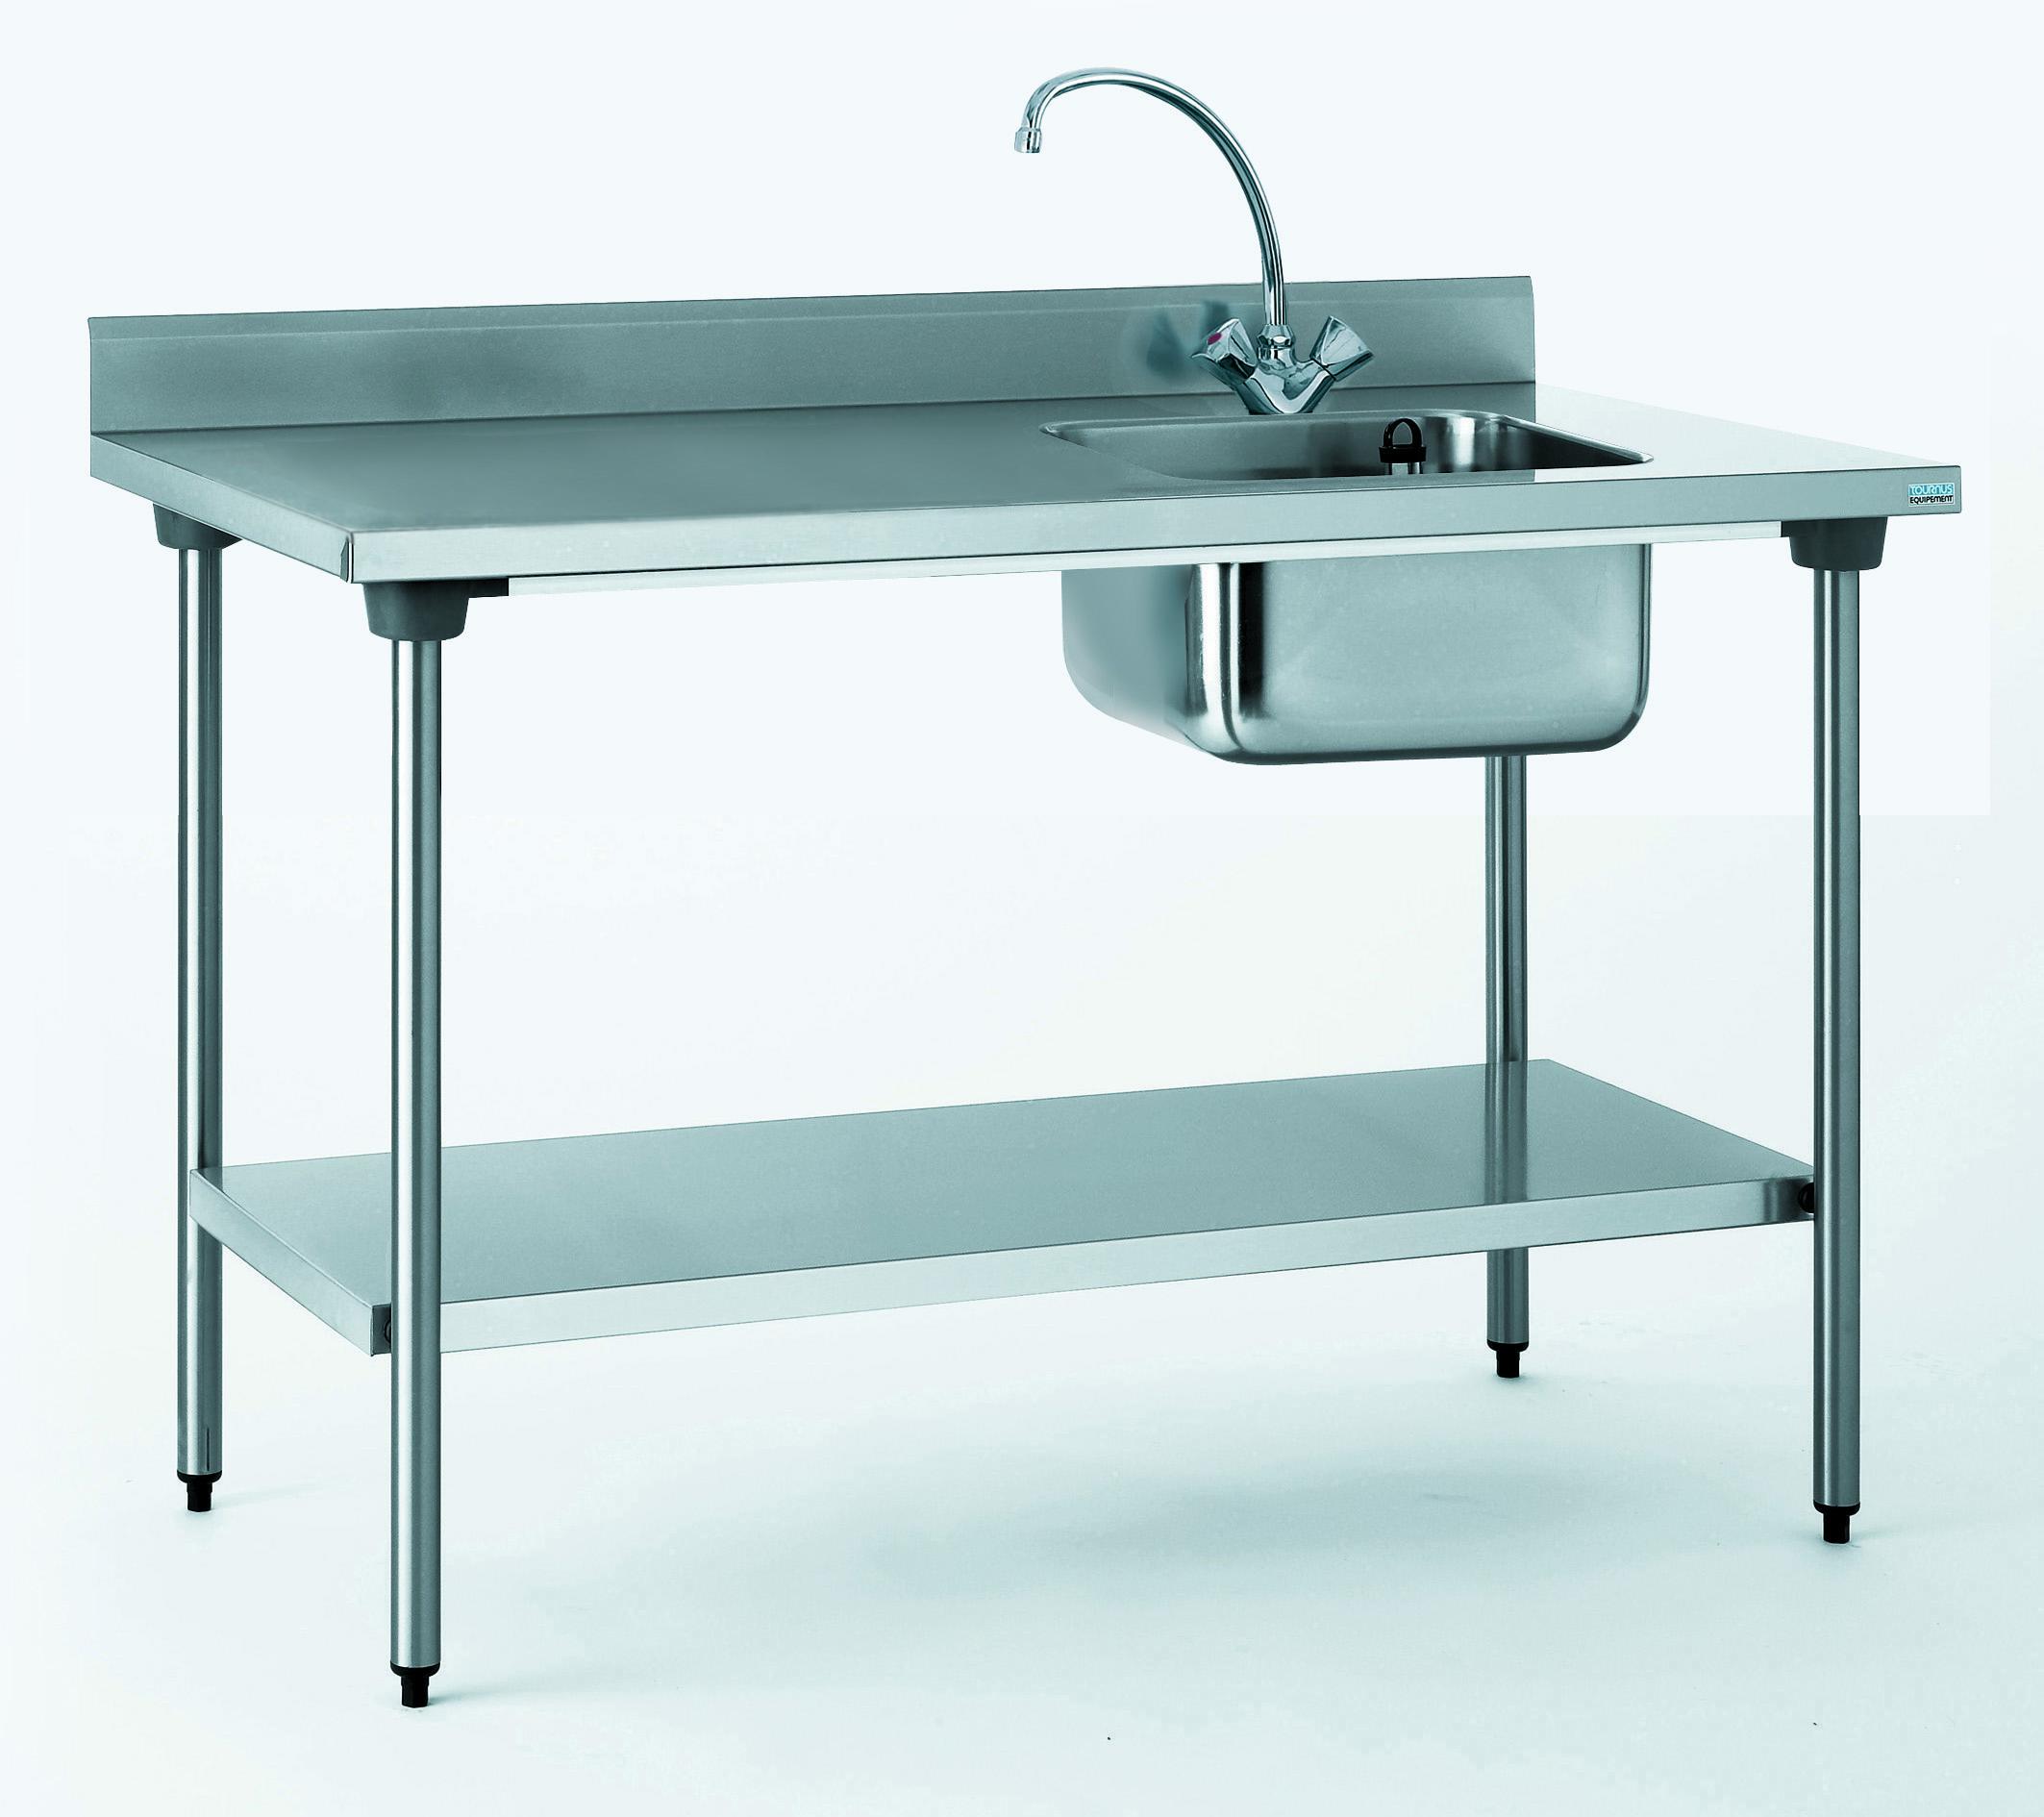 TABLE DU CHEF CHR 700X1600 BAC A DROITE+ETAGERE- AVEC ROBINE